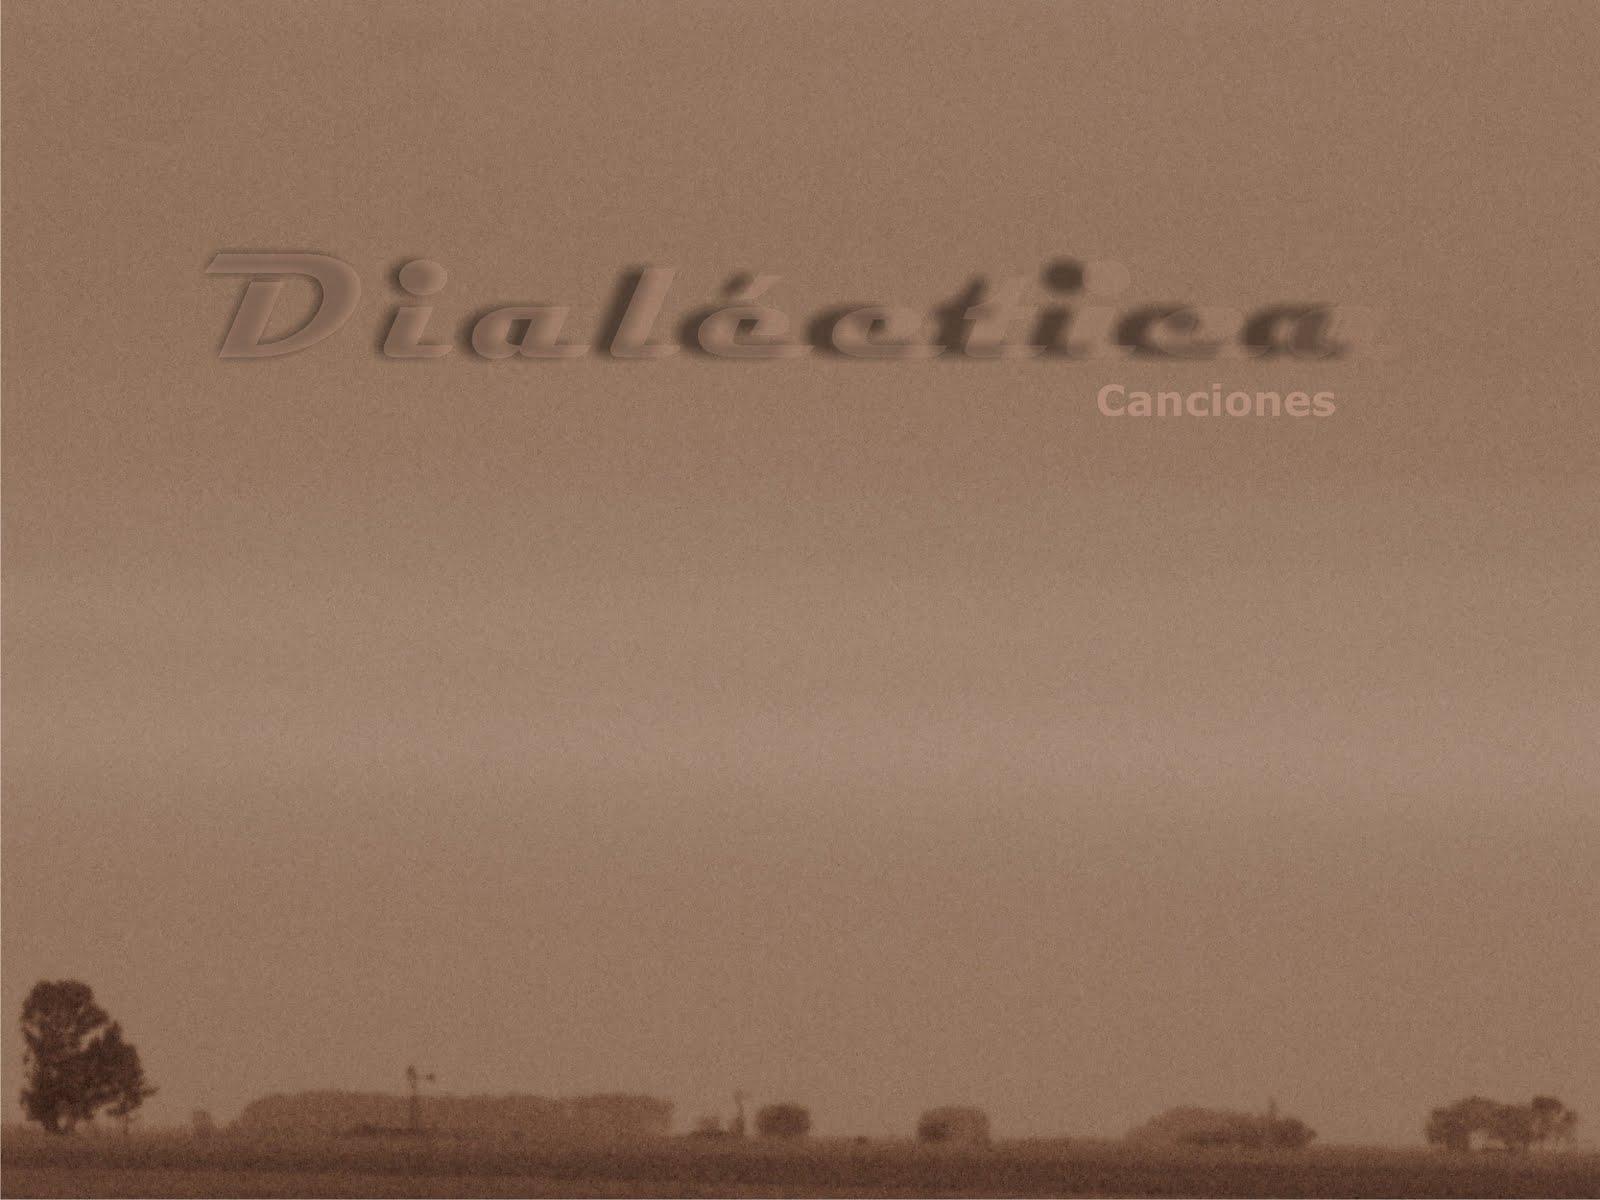 [paisaje+dialectico.JPG]